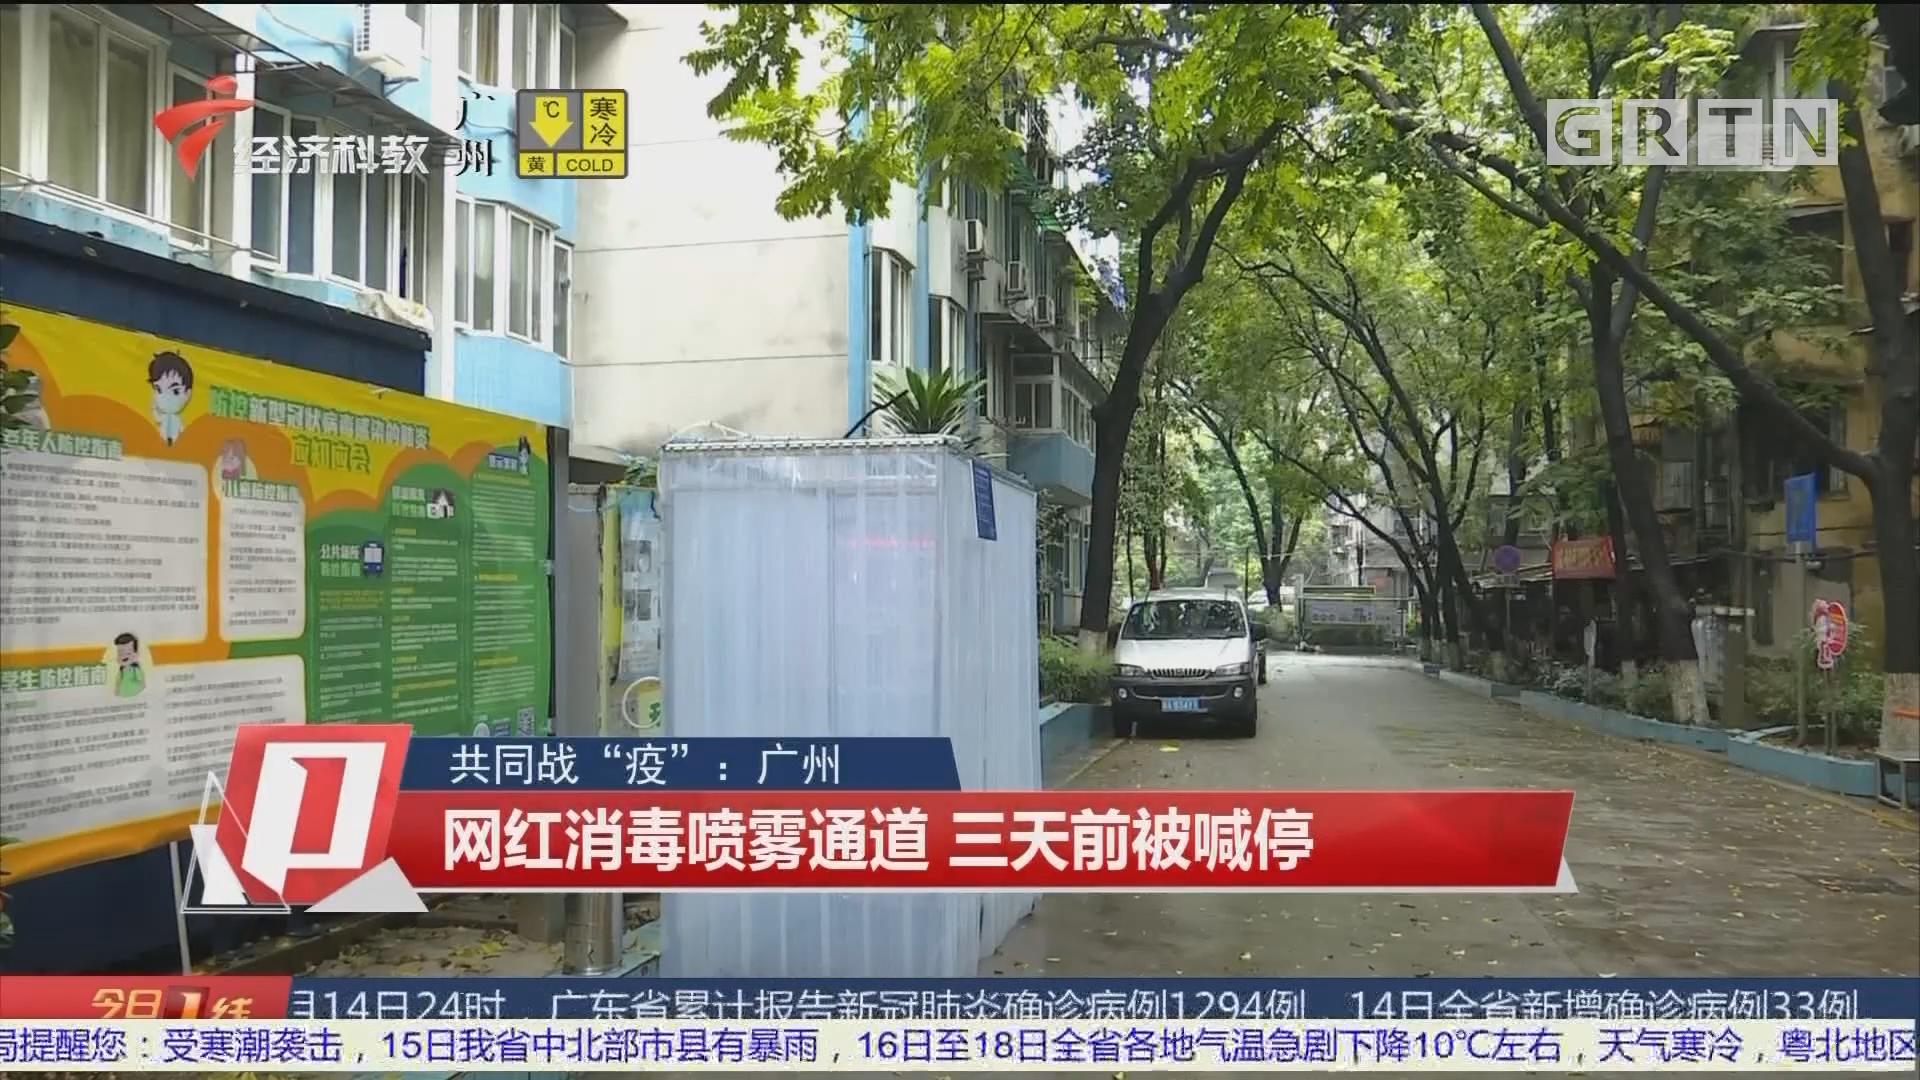 """共同战""""疫"""":广州 网红消毒喷雾通道 三天前被喊停"""